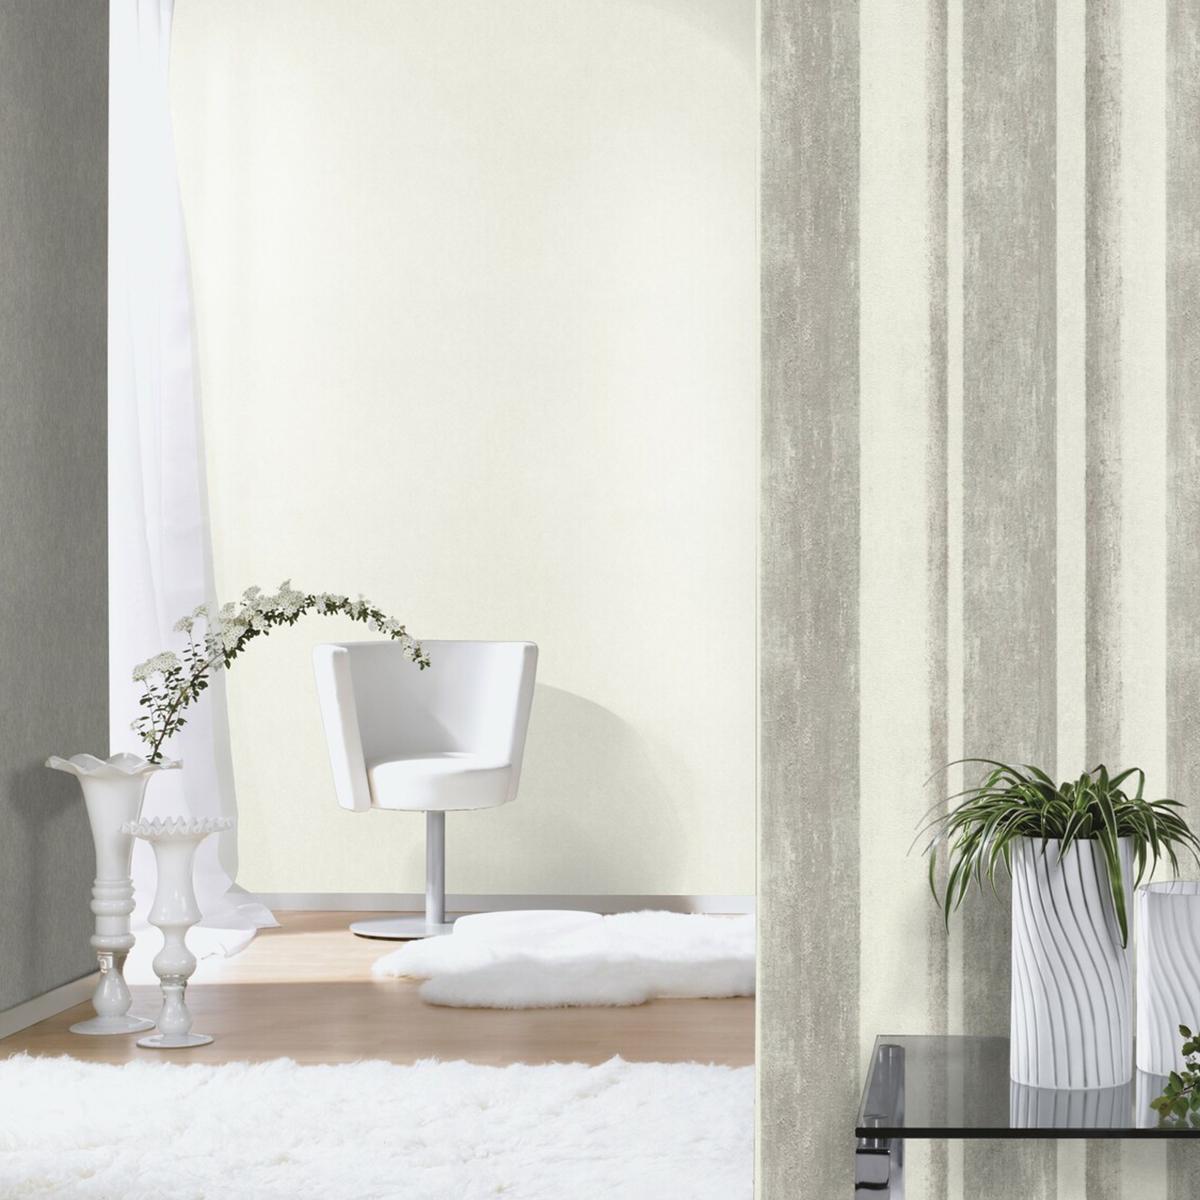 Тапет Инспирейшън 2 крем бетон райе сив